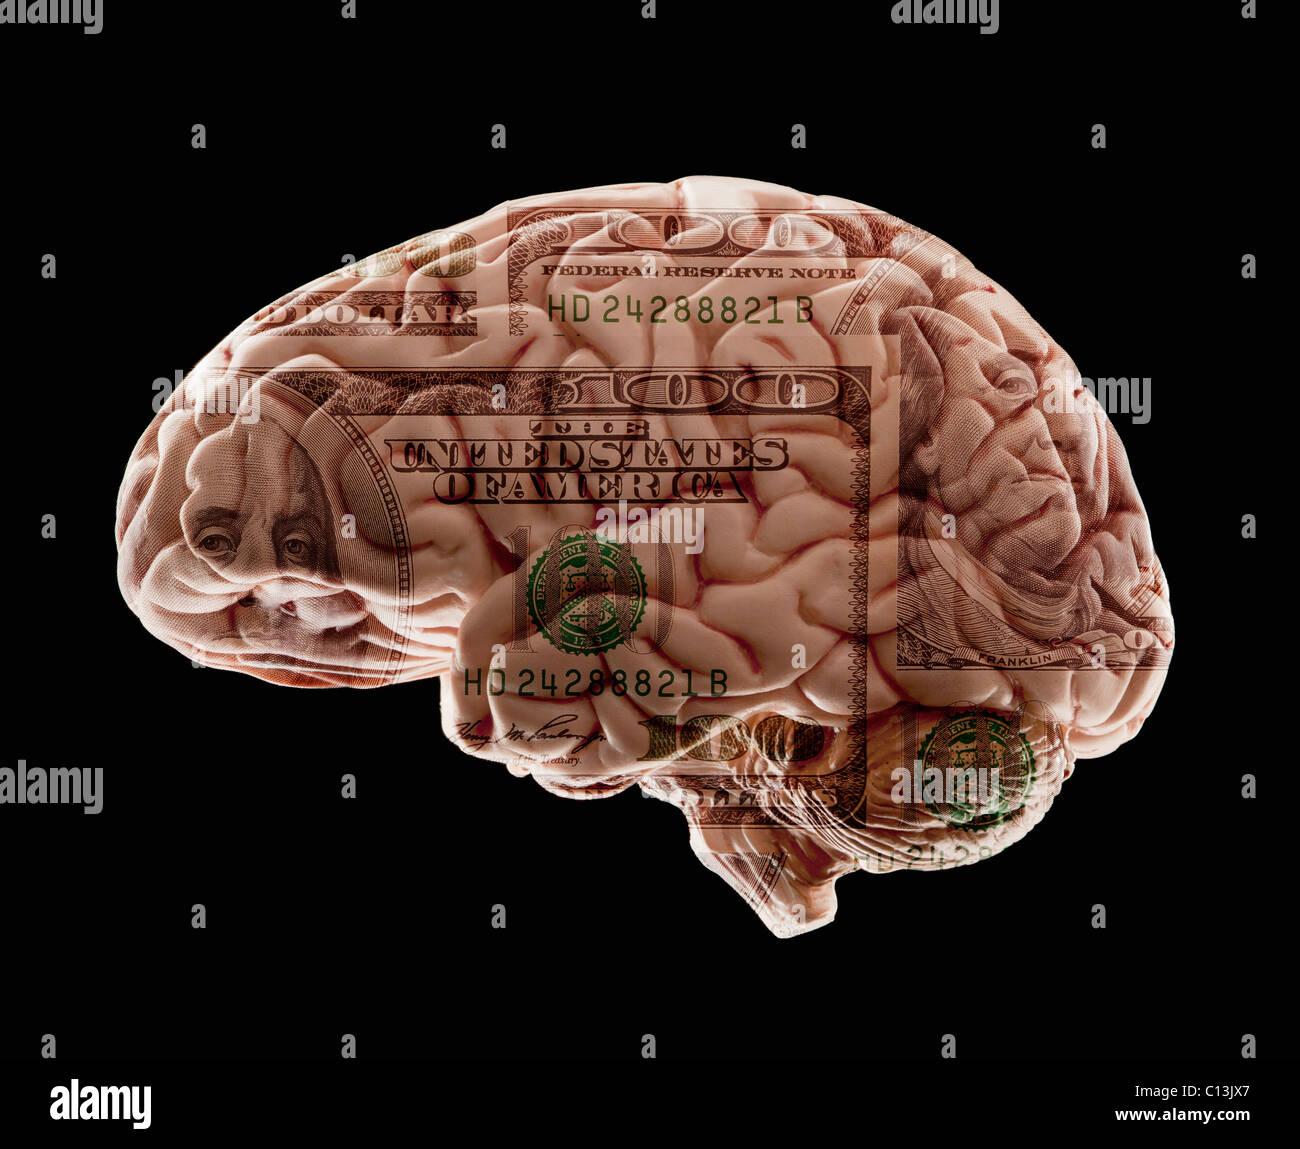 Composizione del cervello umano modello e un centinaio di dollar nota Foto Stock